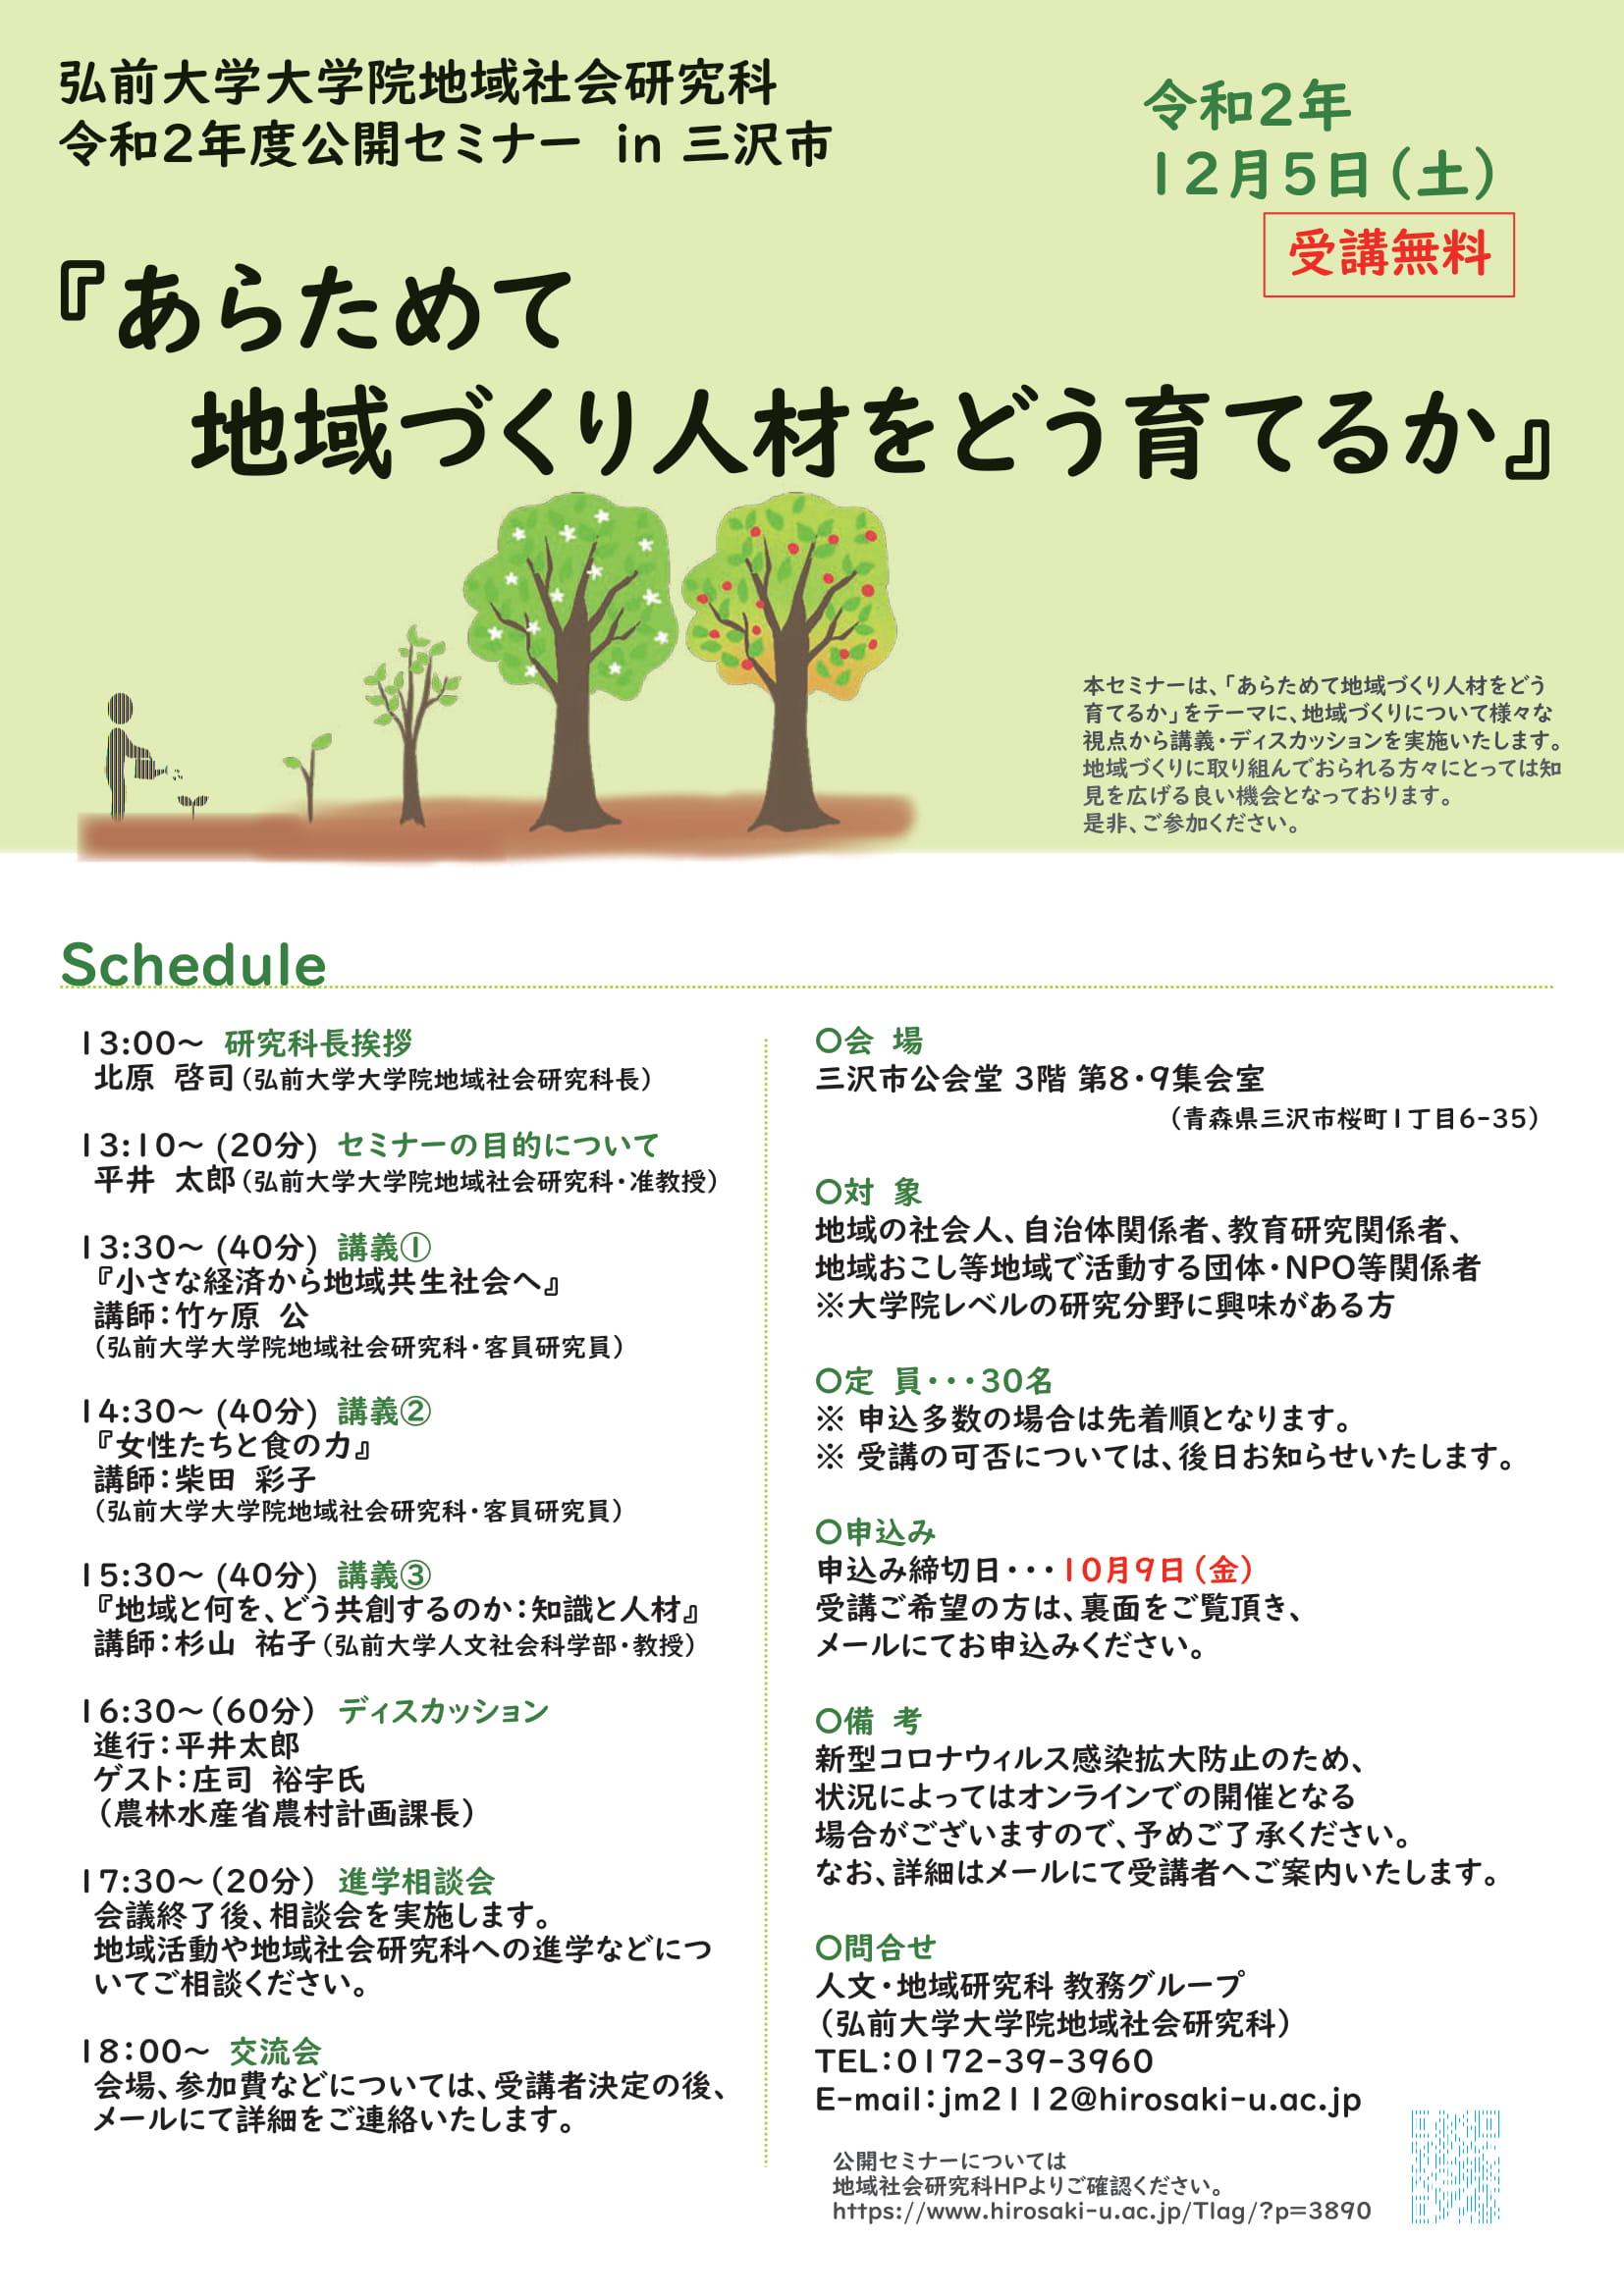 公開セミナー三沢市